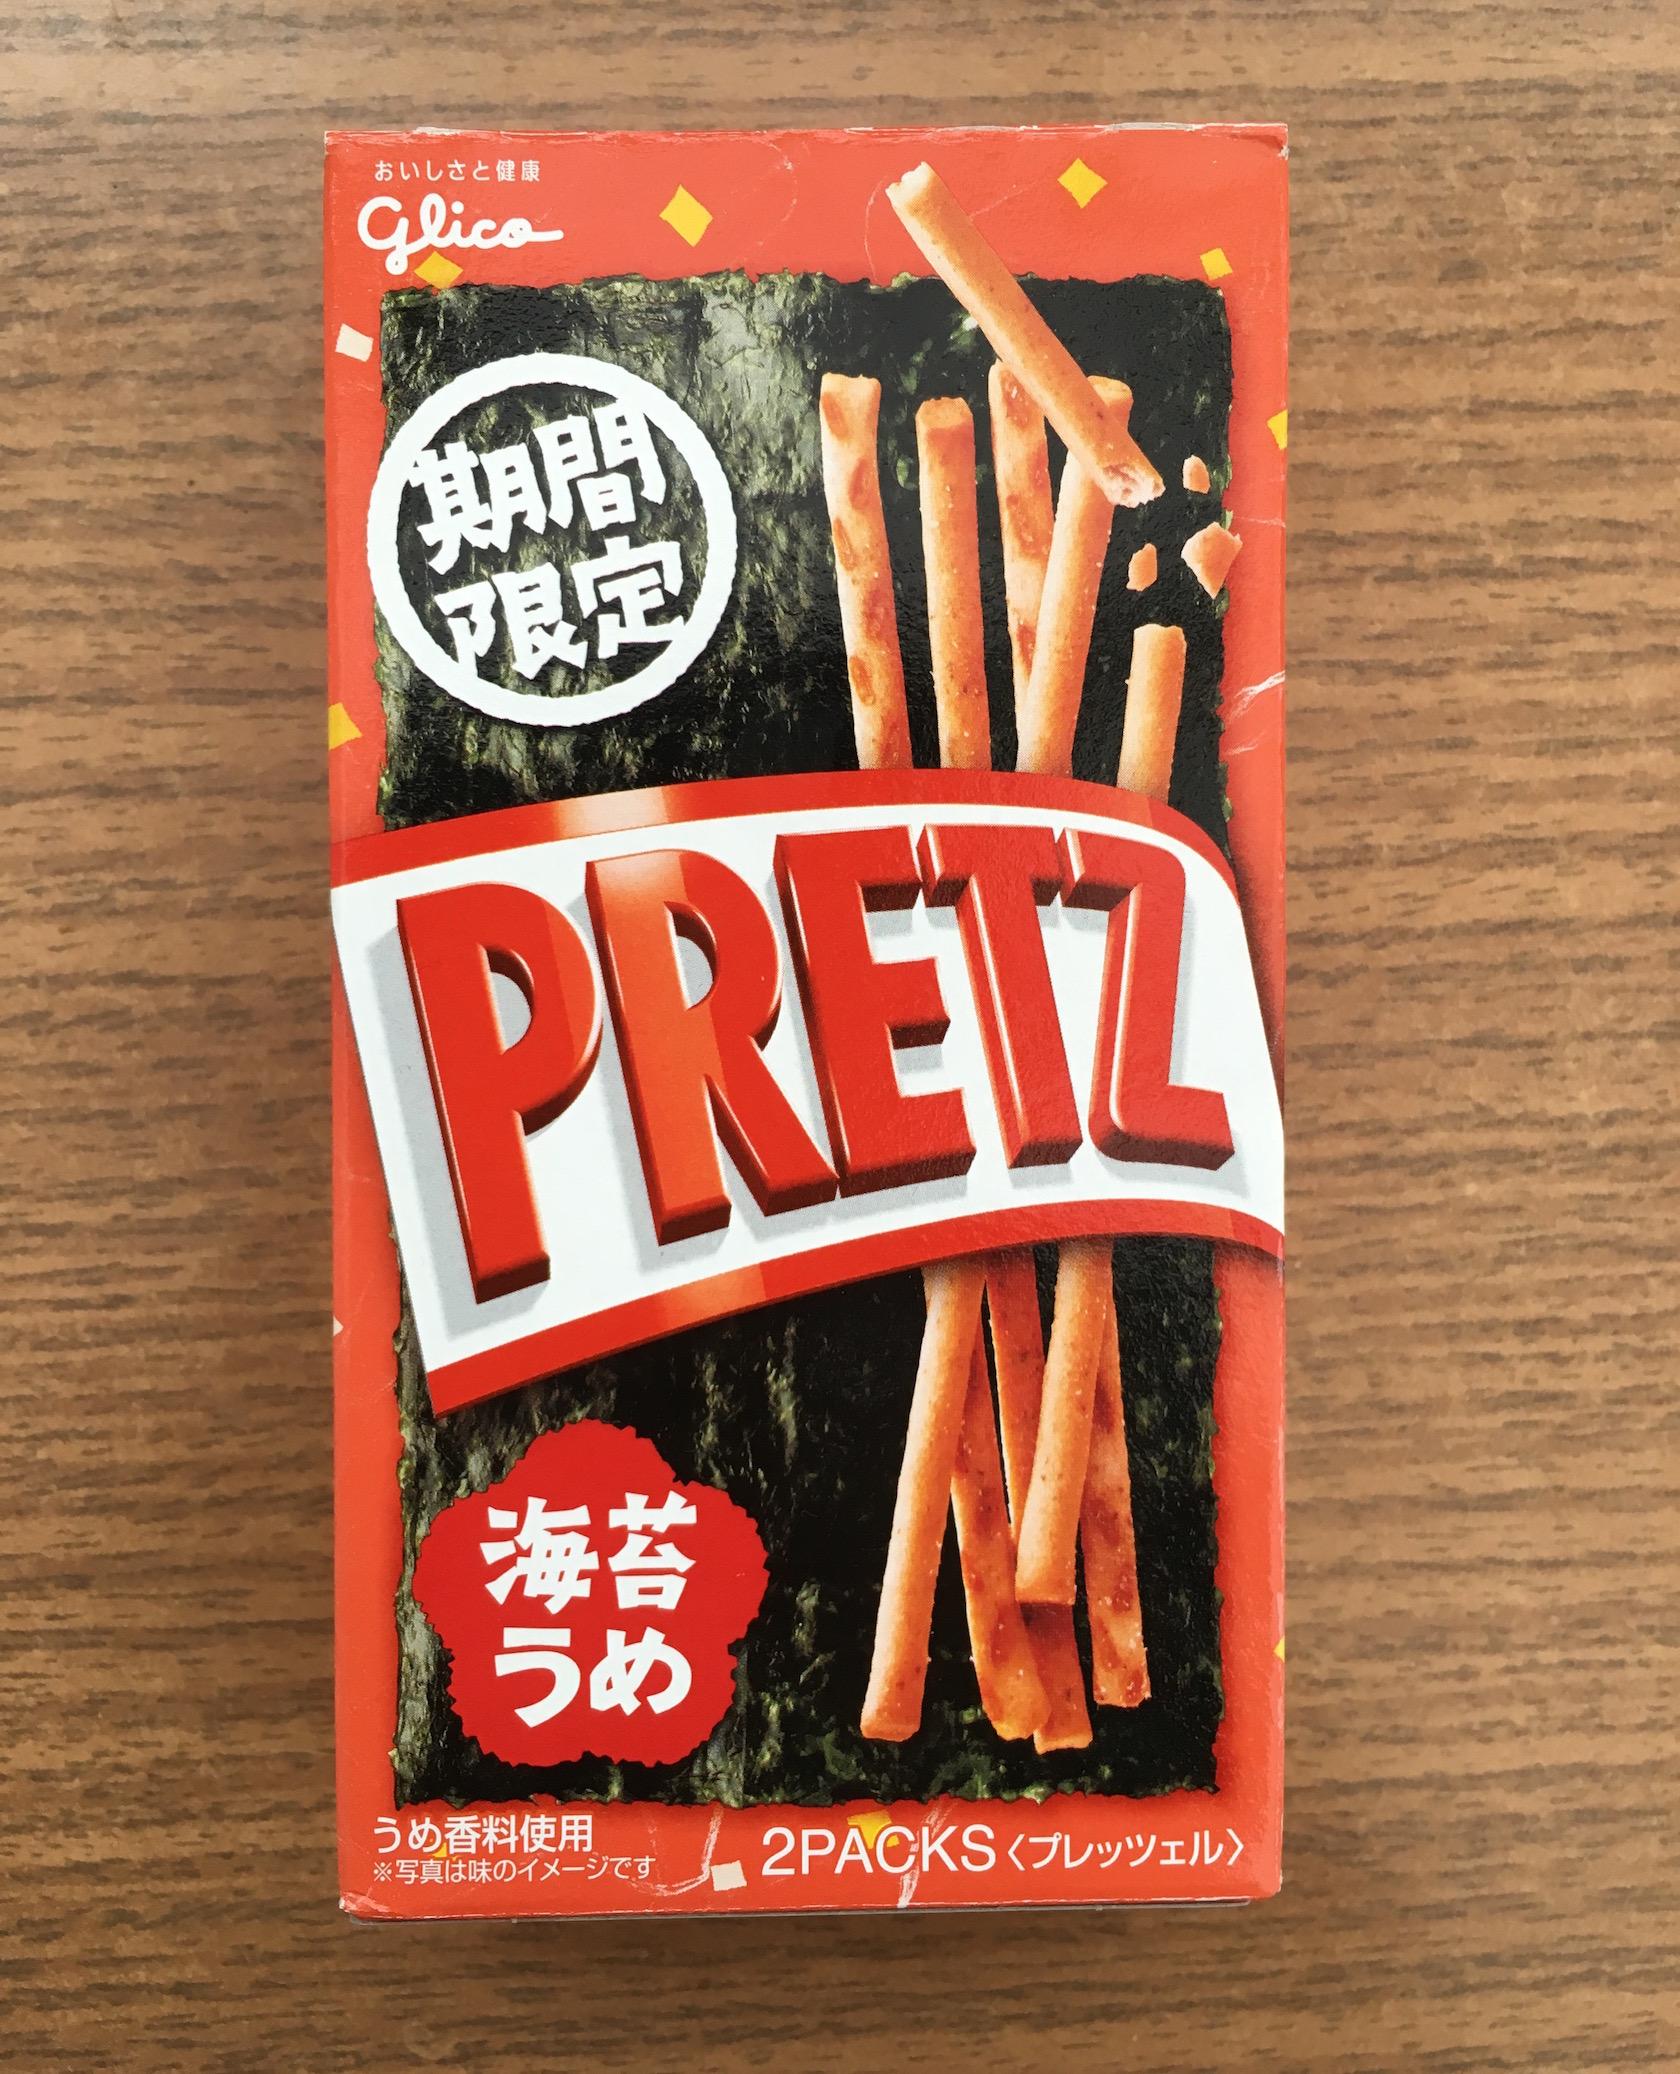 Pretz nori 1